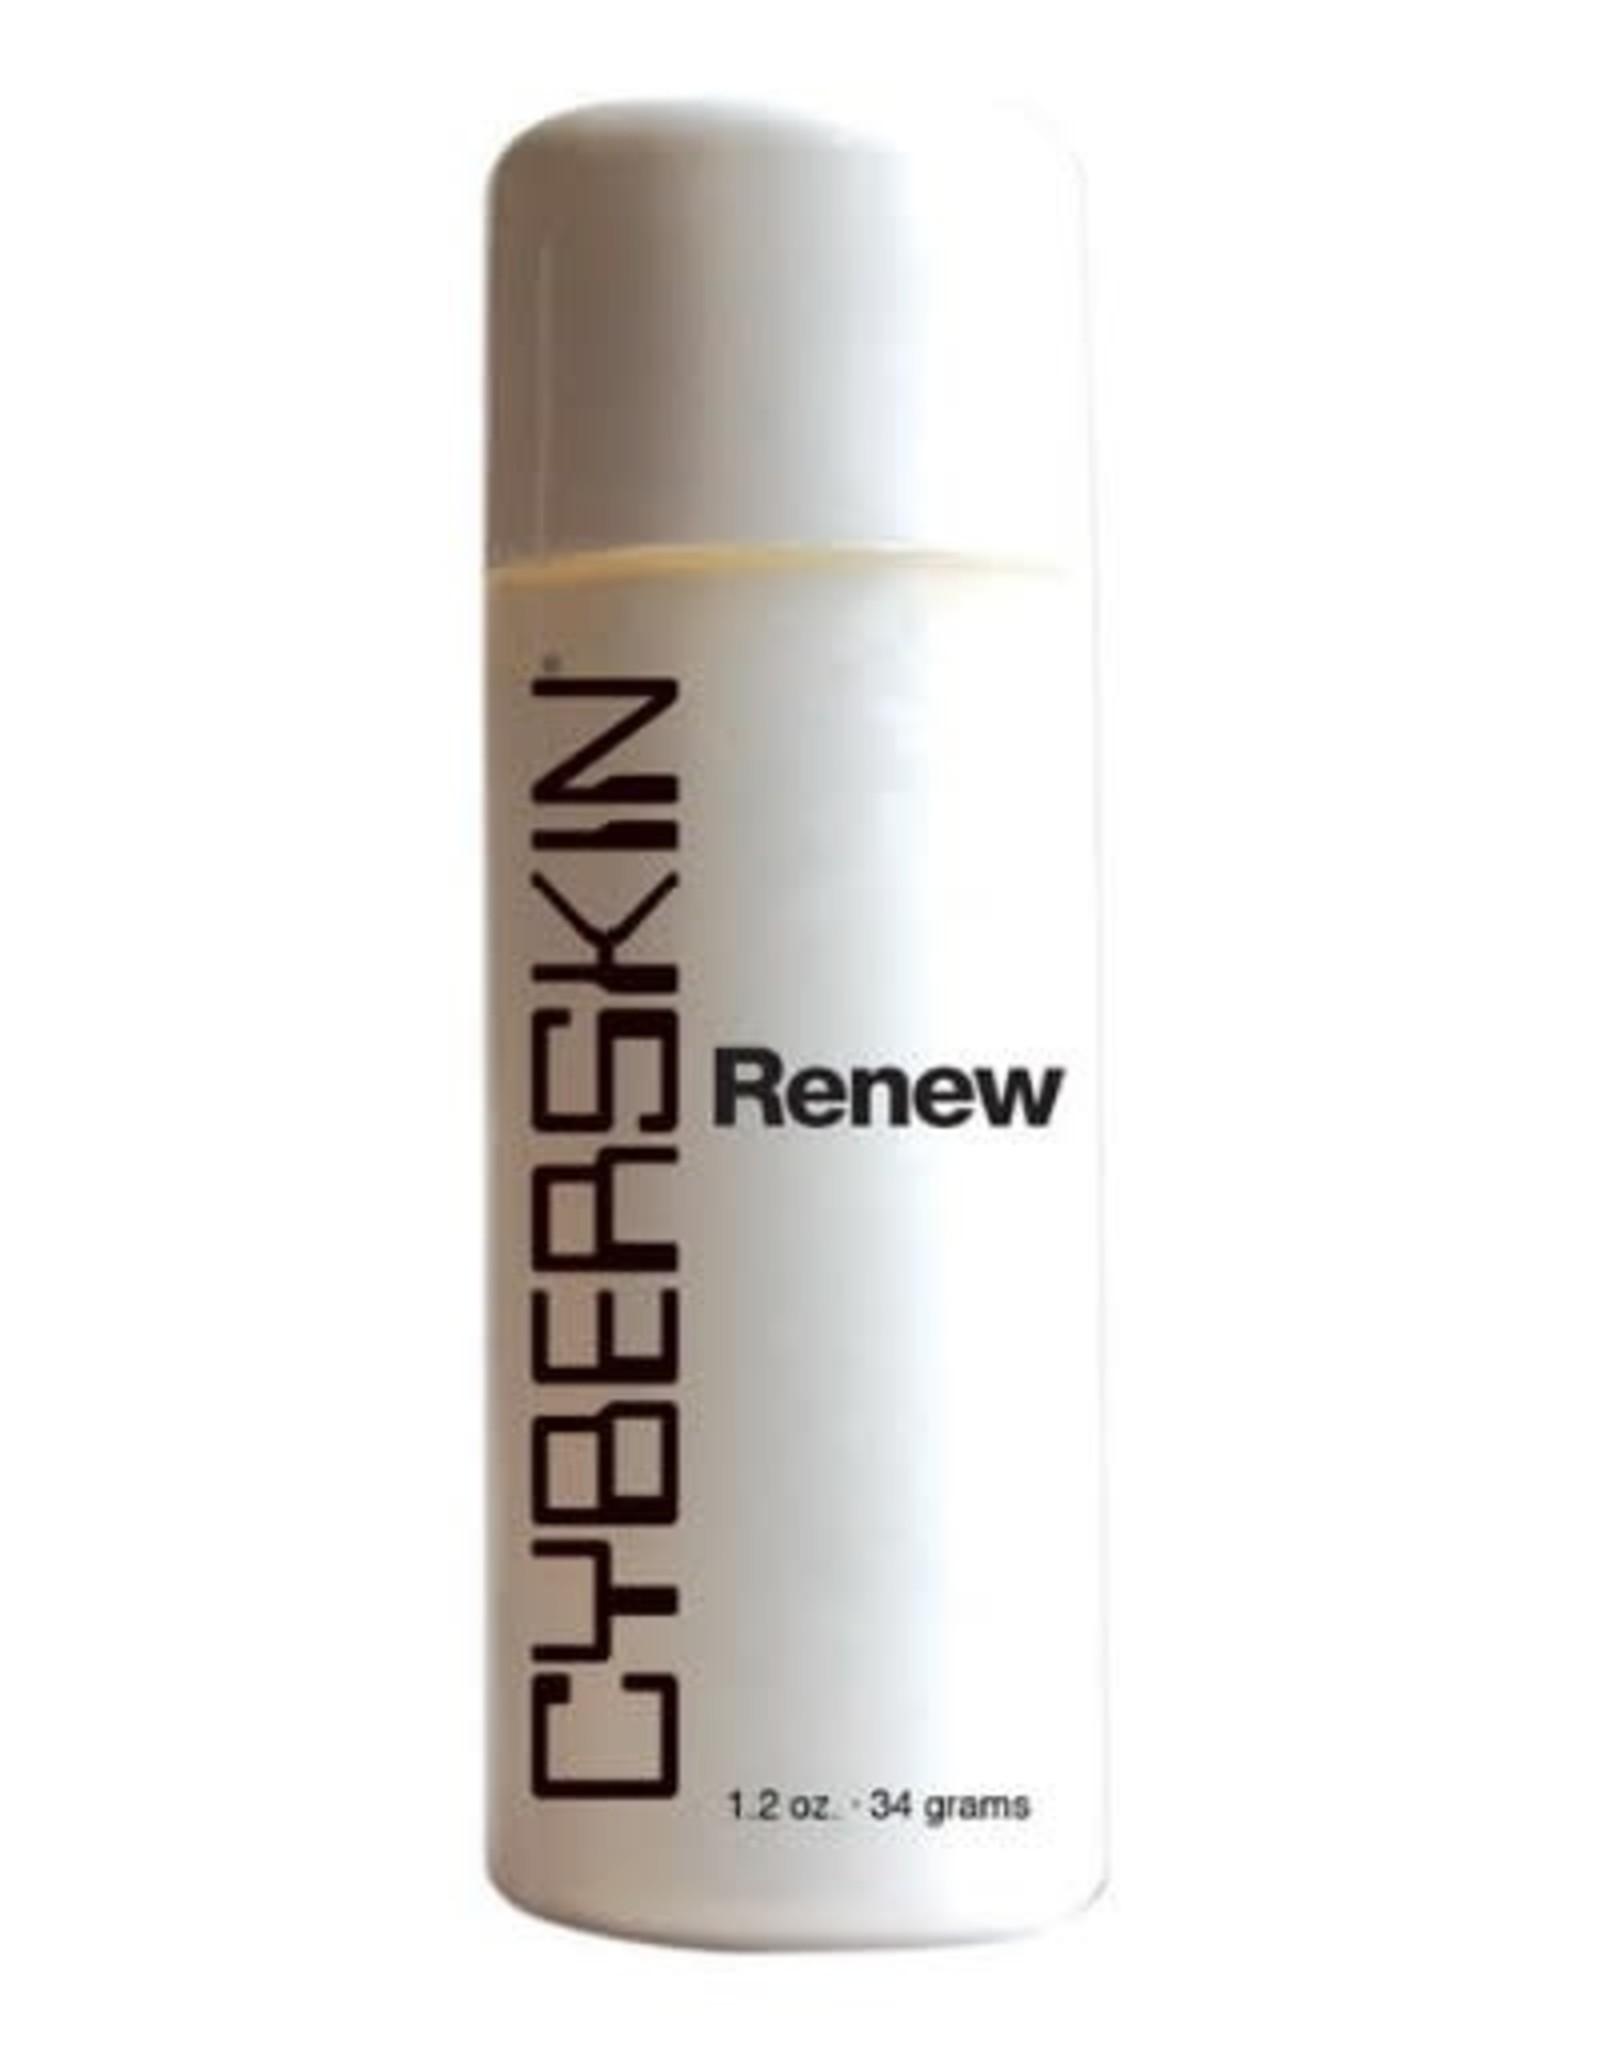 CyberSkin CyberSkin Renew